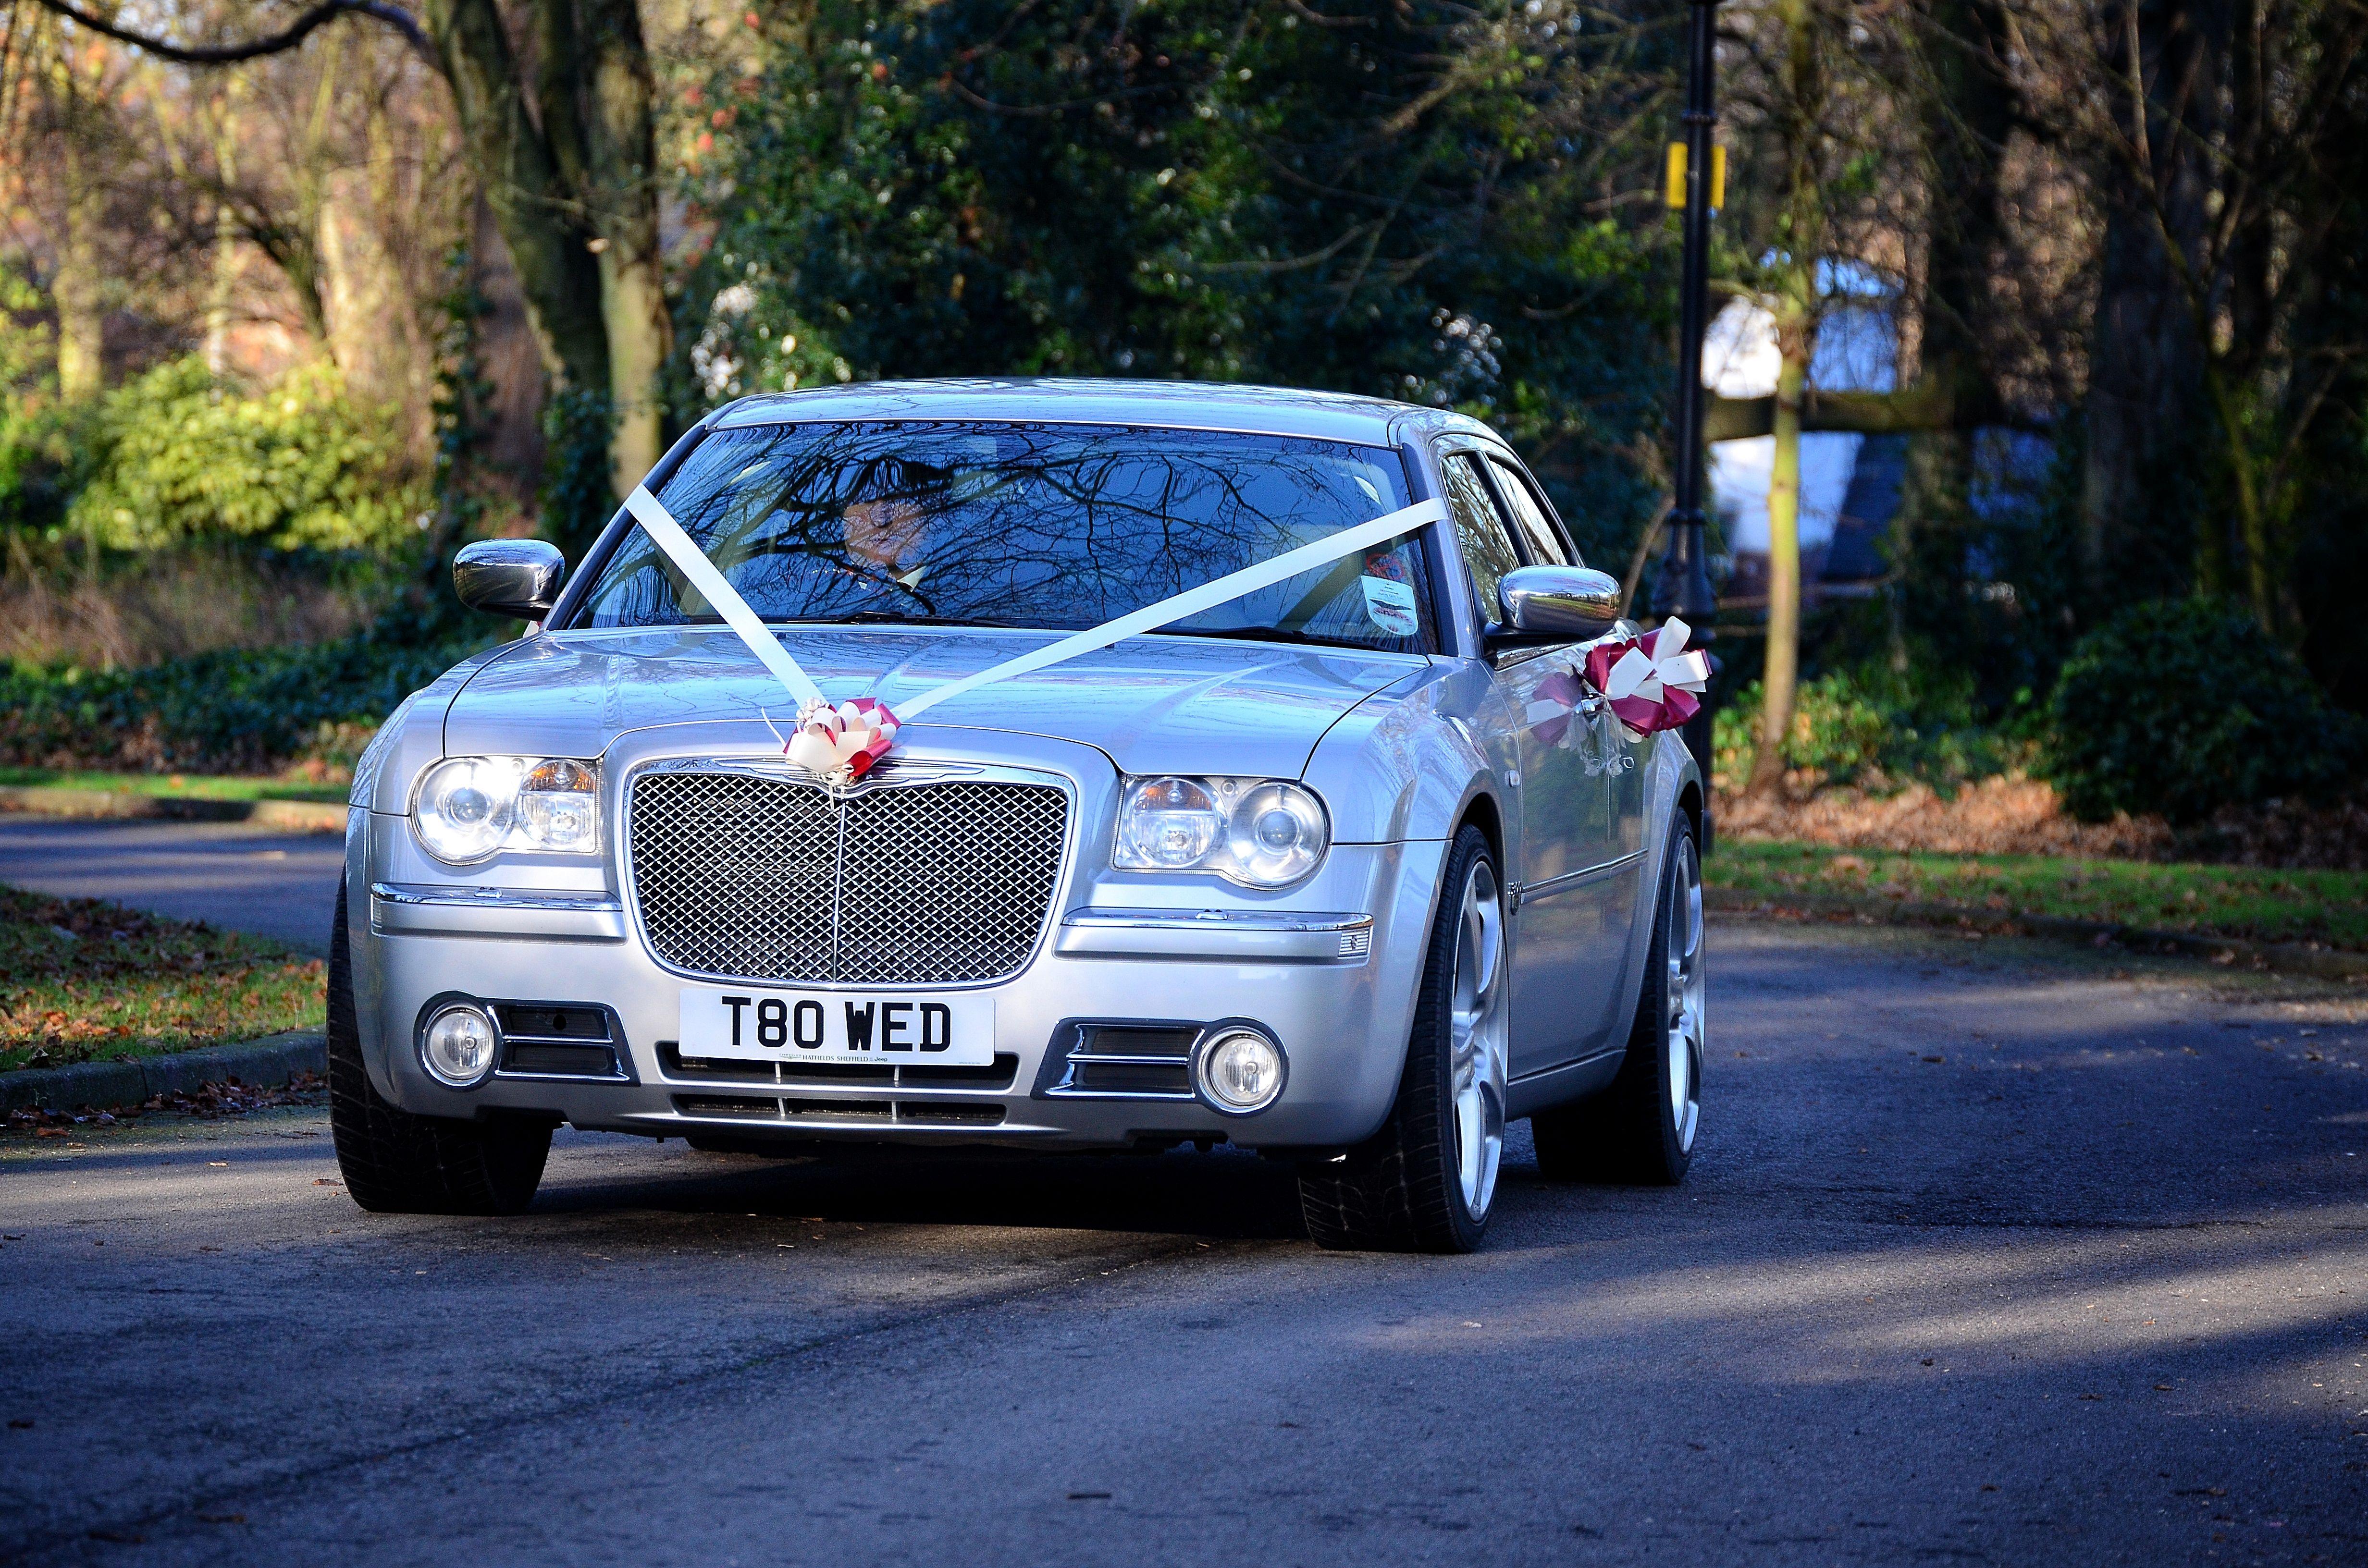 Babybentley Chrysler Cars Transportation Weddingcar Weddingcars Specialday Wedingplanning Wedding Groomcar Sport Wedding Car Chrysler 300c Bentley